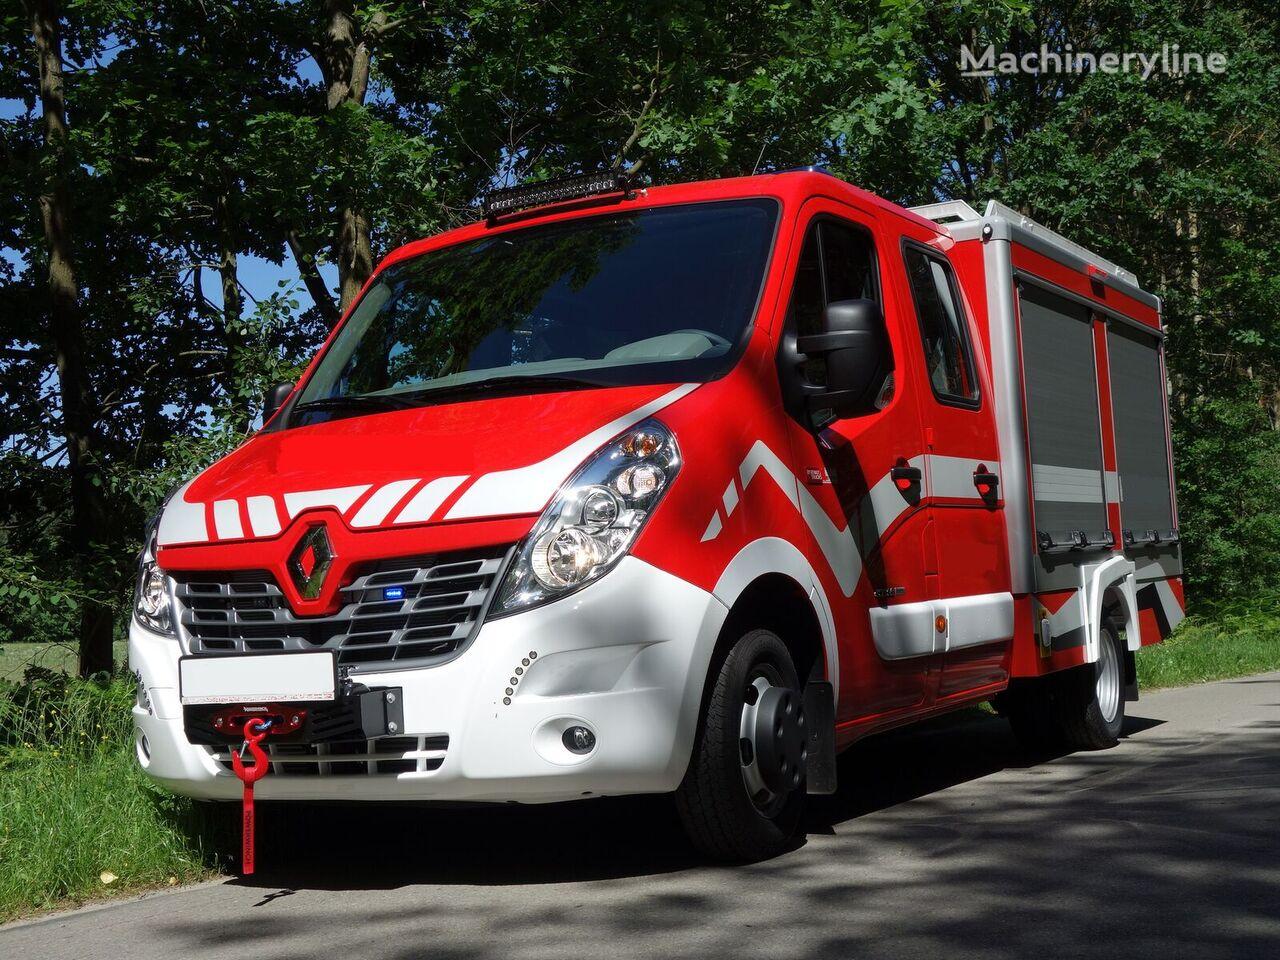 neues RENAULT  MASTER TSF/W MIT BIS ZU 800 L WASSERTANKVOLUMEN Feuerwehrauto